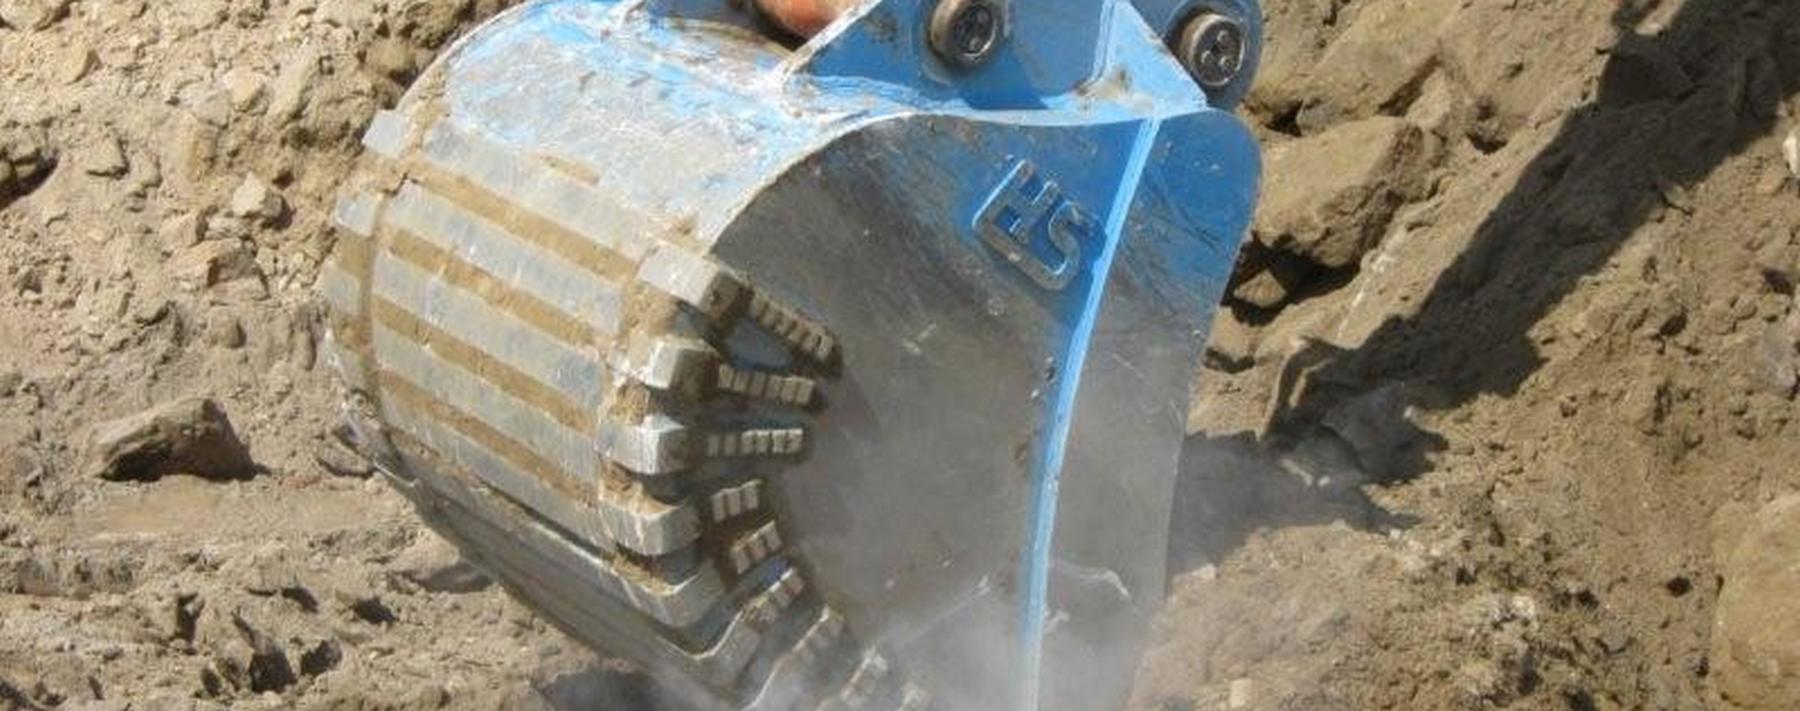 Backhoe hydraulic bucket excavator